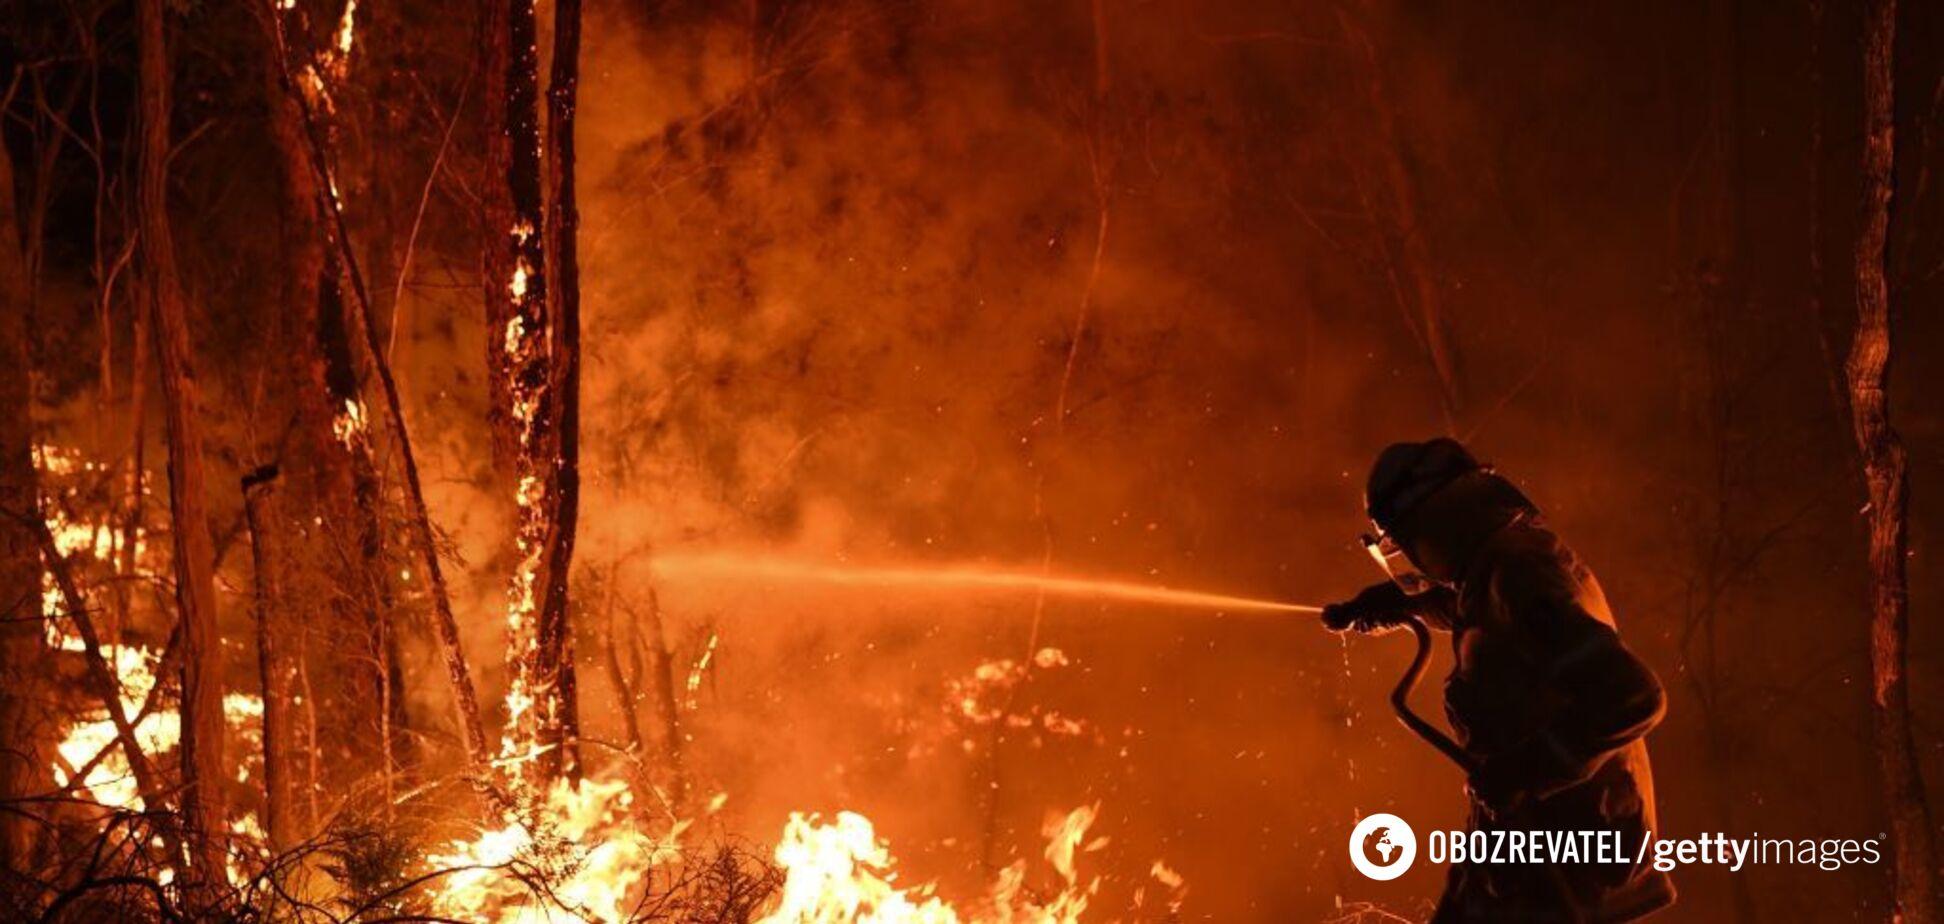 Австралию накрыли адские пожары: тысячи пострадавших, полмиллиарда погибших животных, выгорела территория с Одесщину. Фото и видео